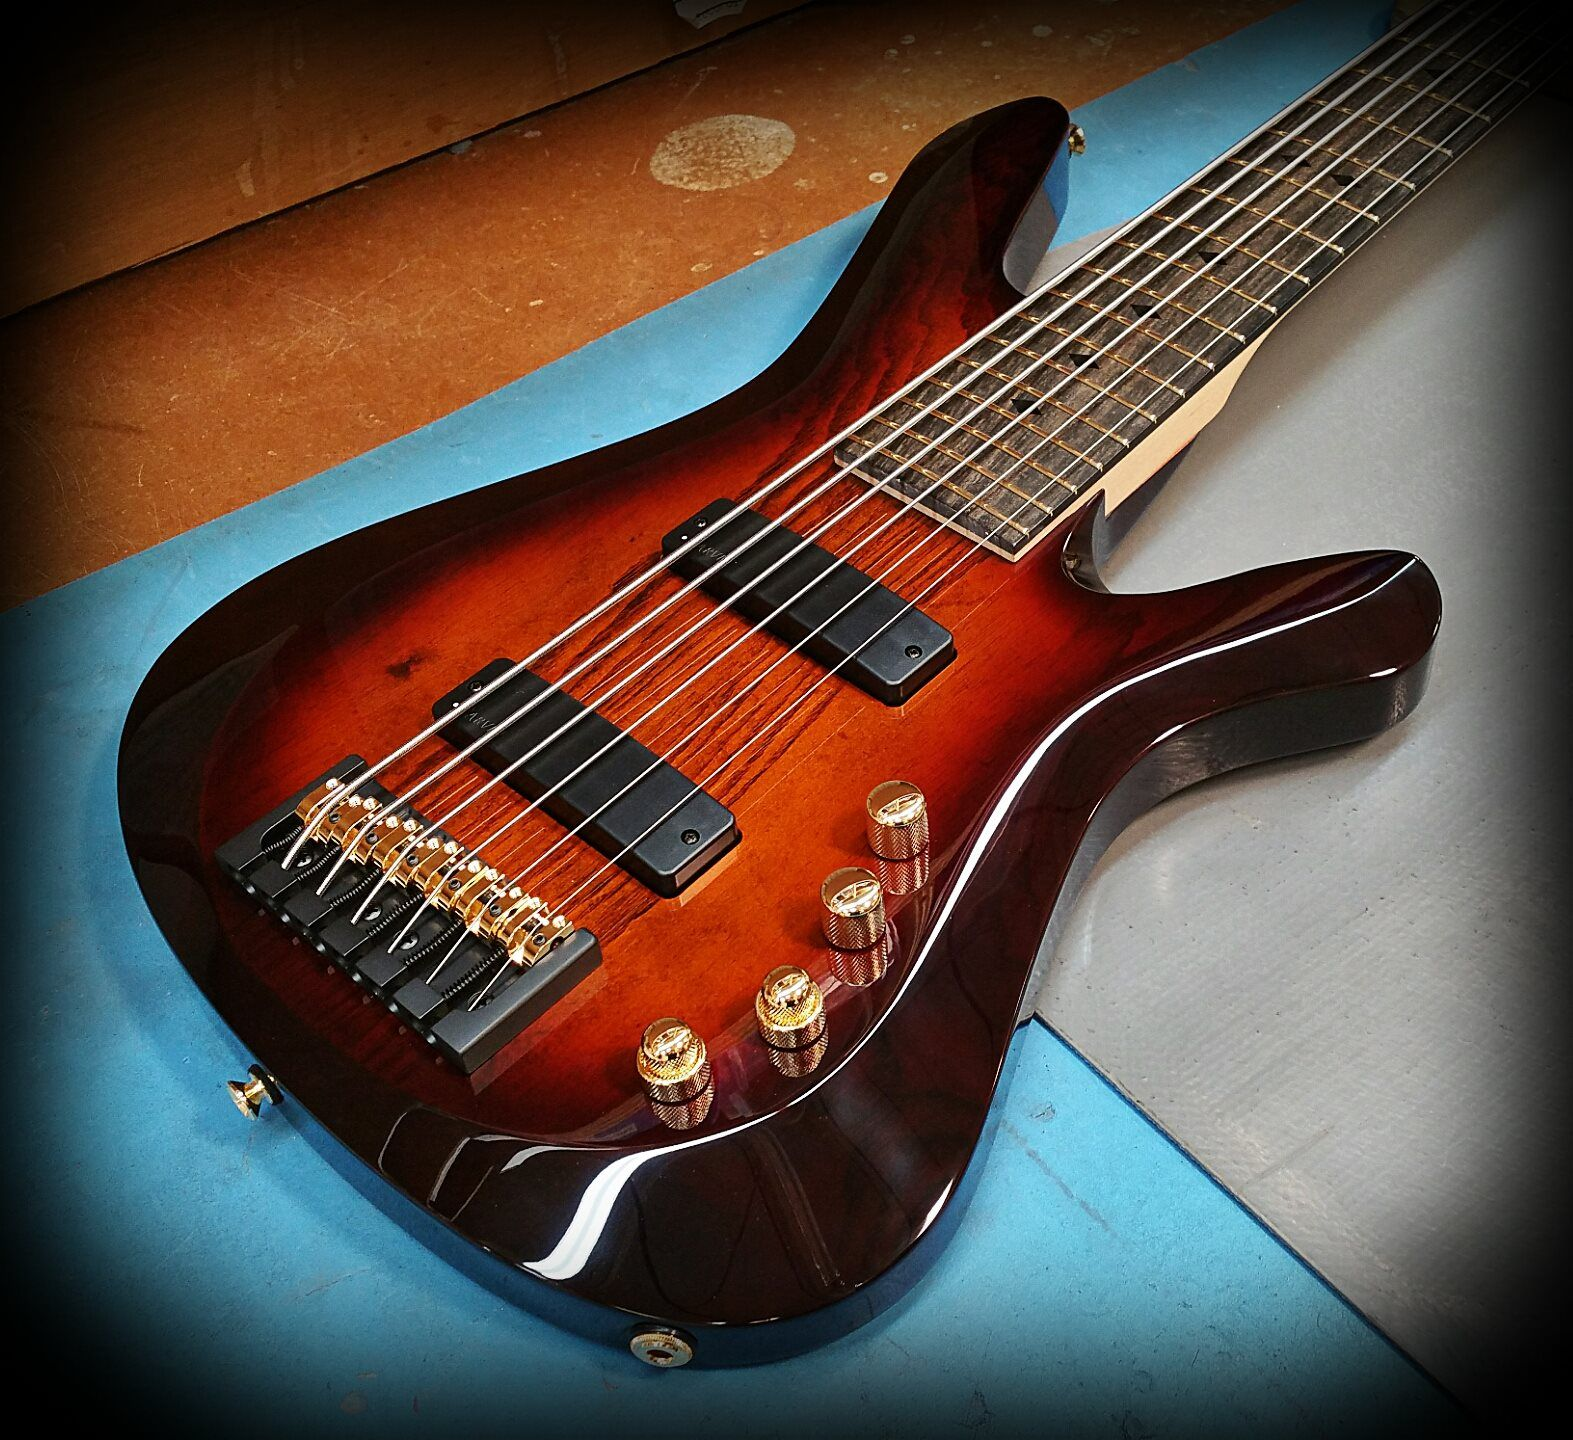 kiesel guitars carvin guitars v69k in translucent orangeburst over